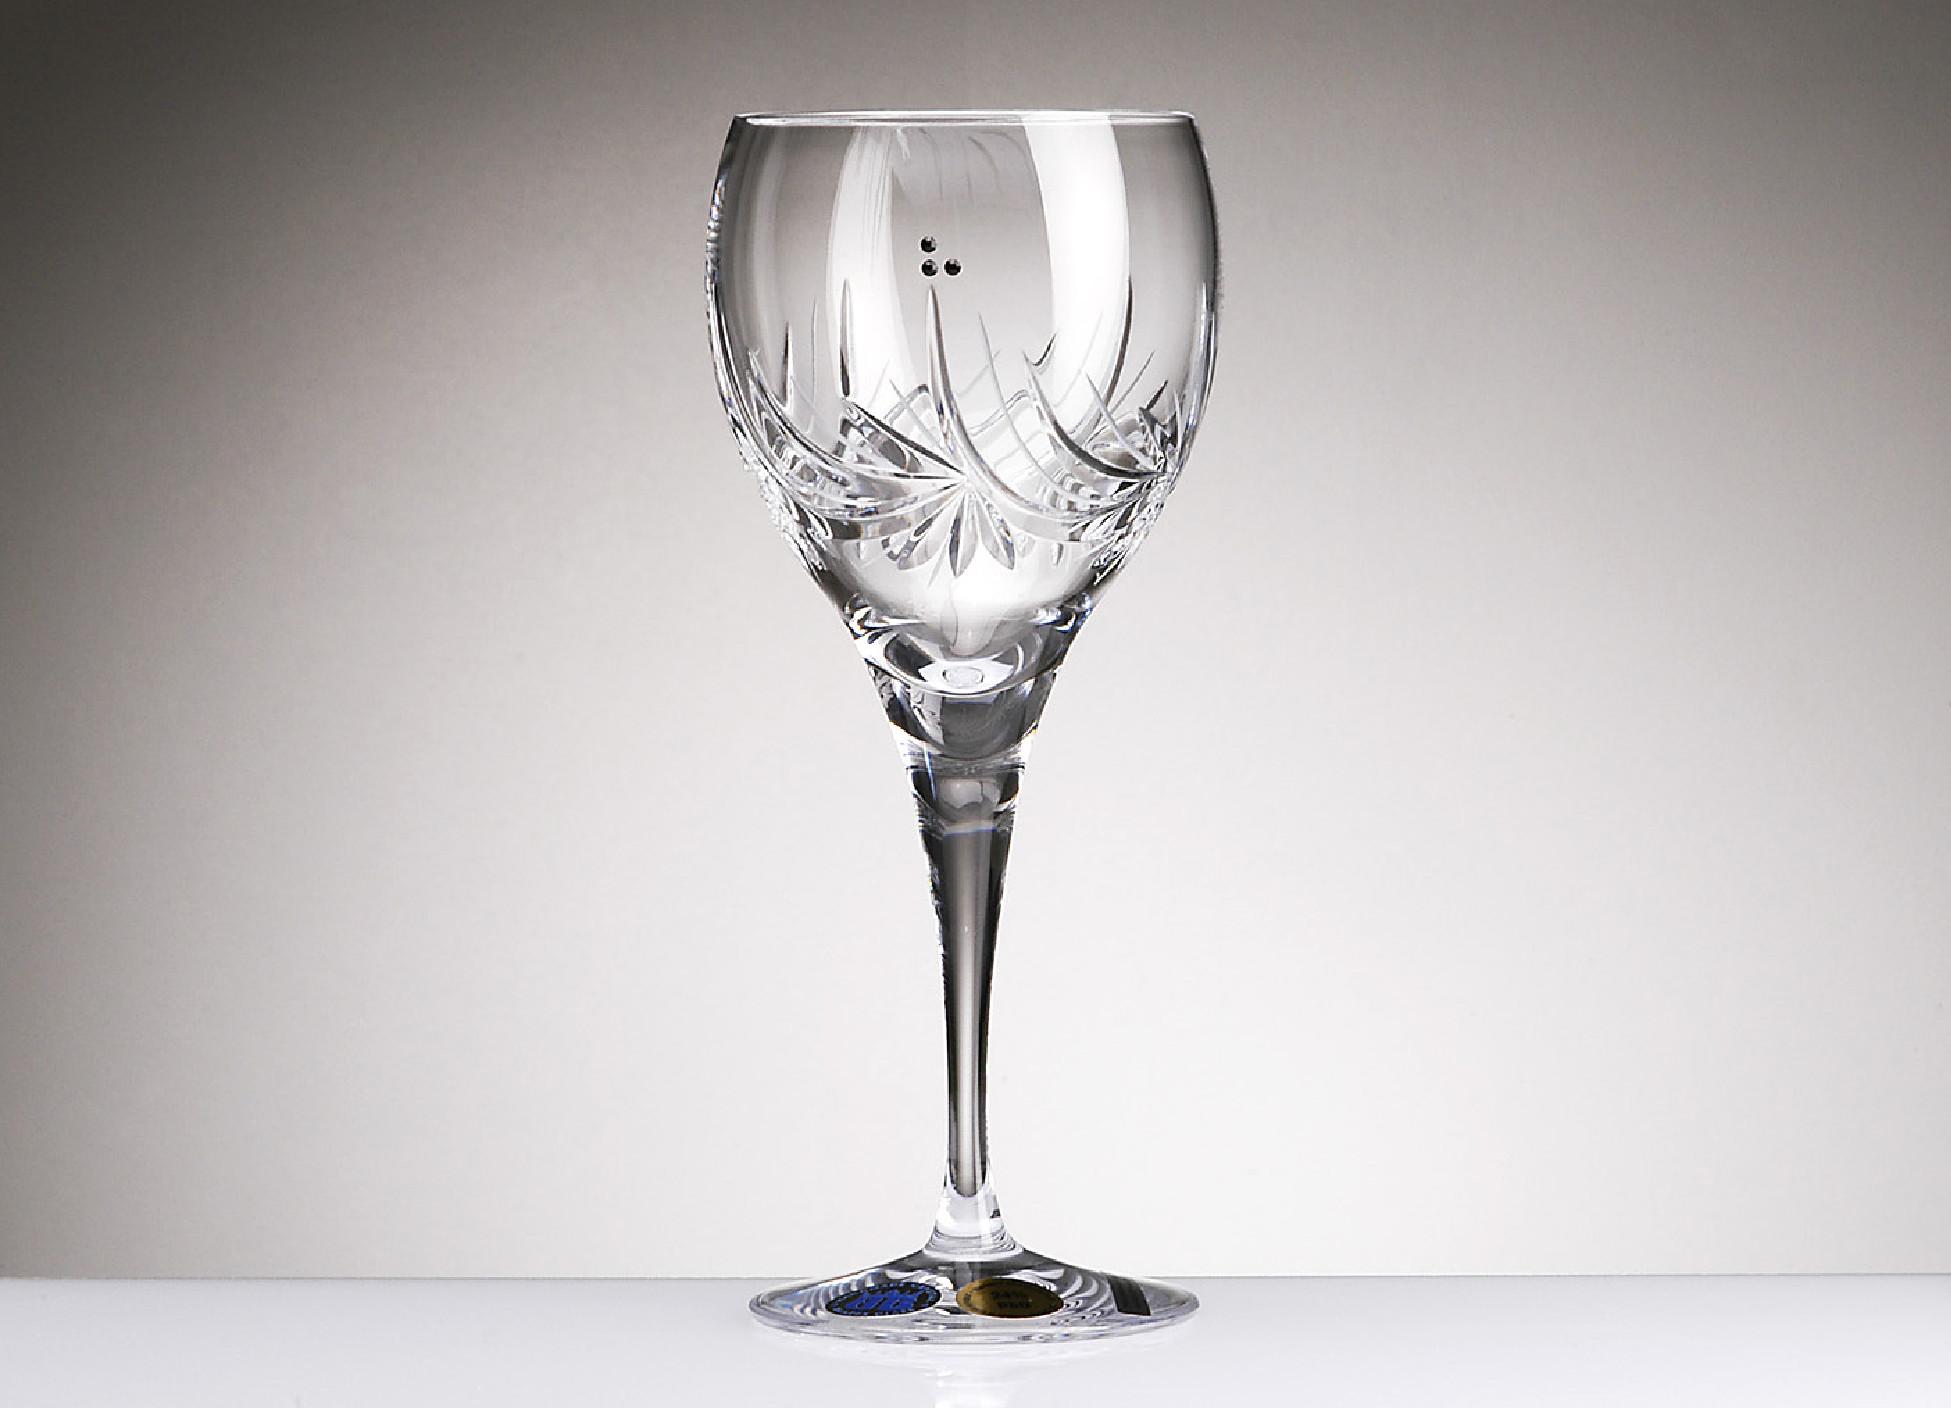 Verres - Verre de cristal prix ...